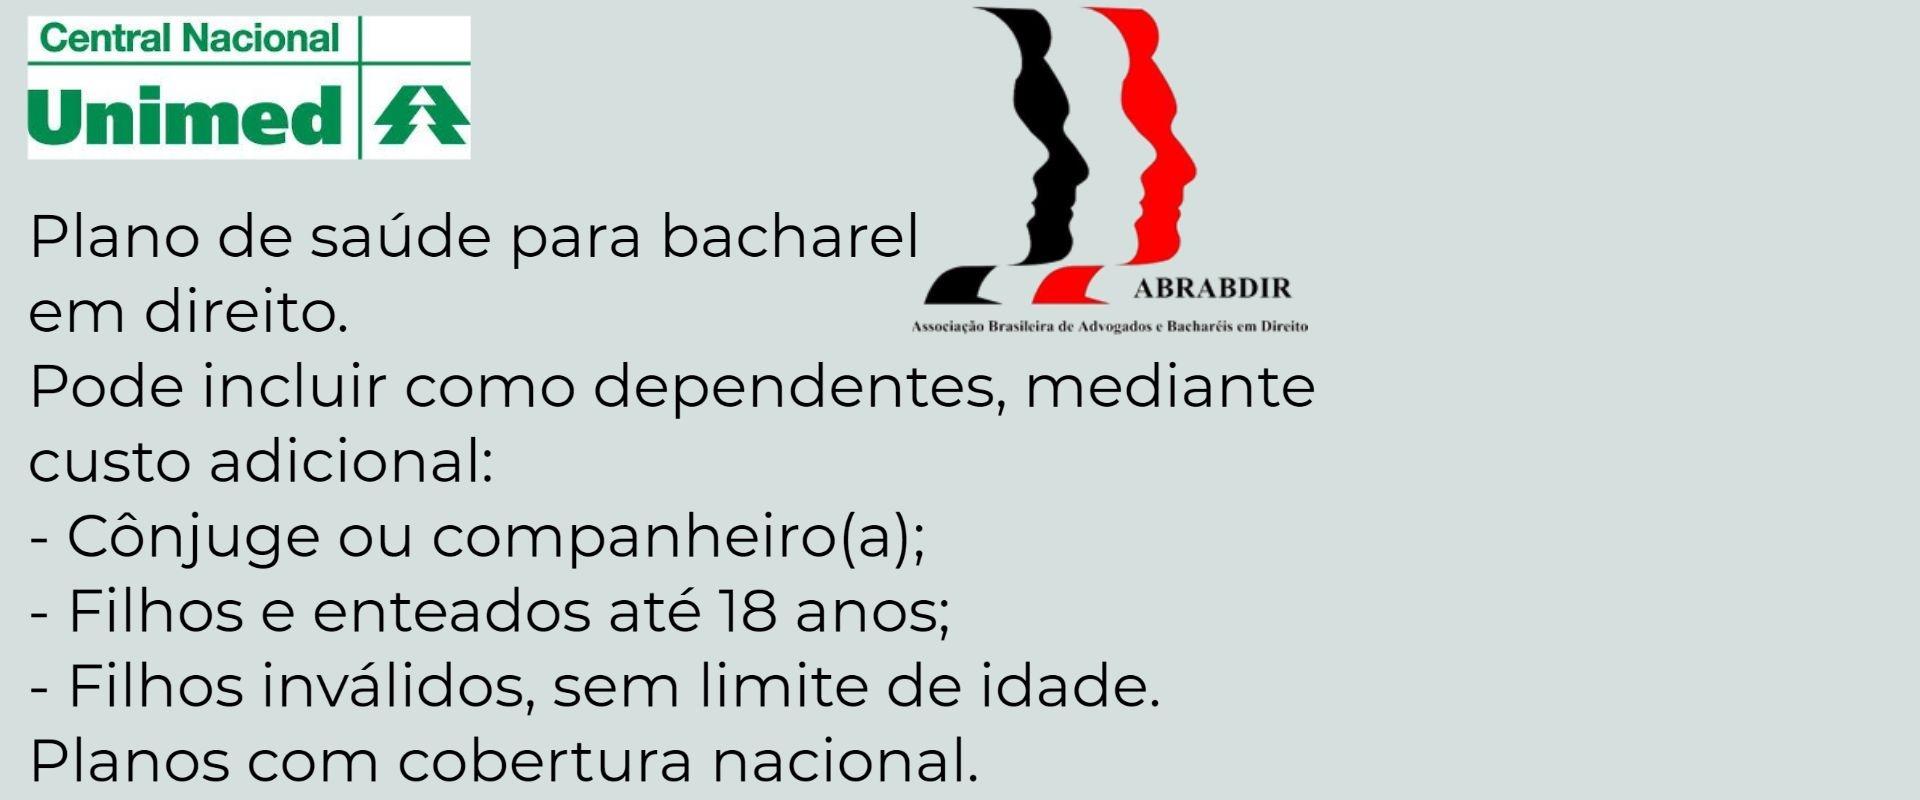 Unimed ABRABDIR Jacareí